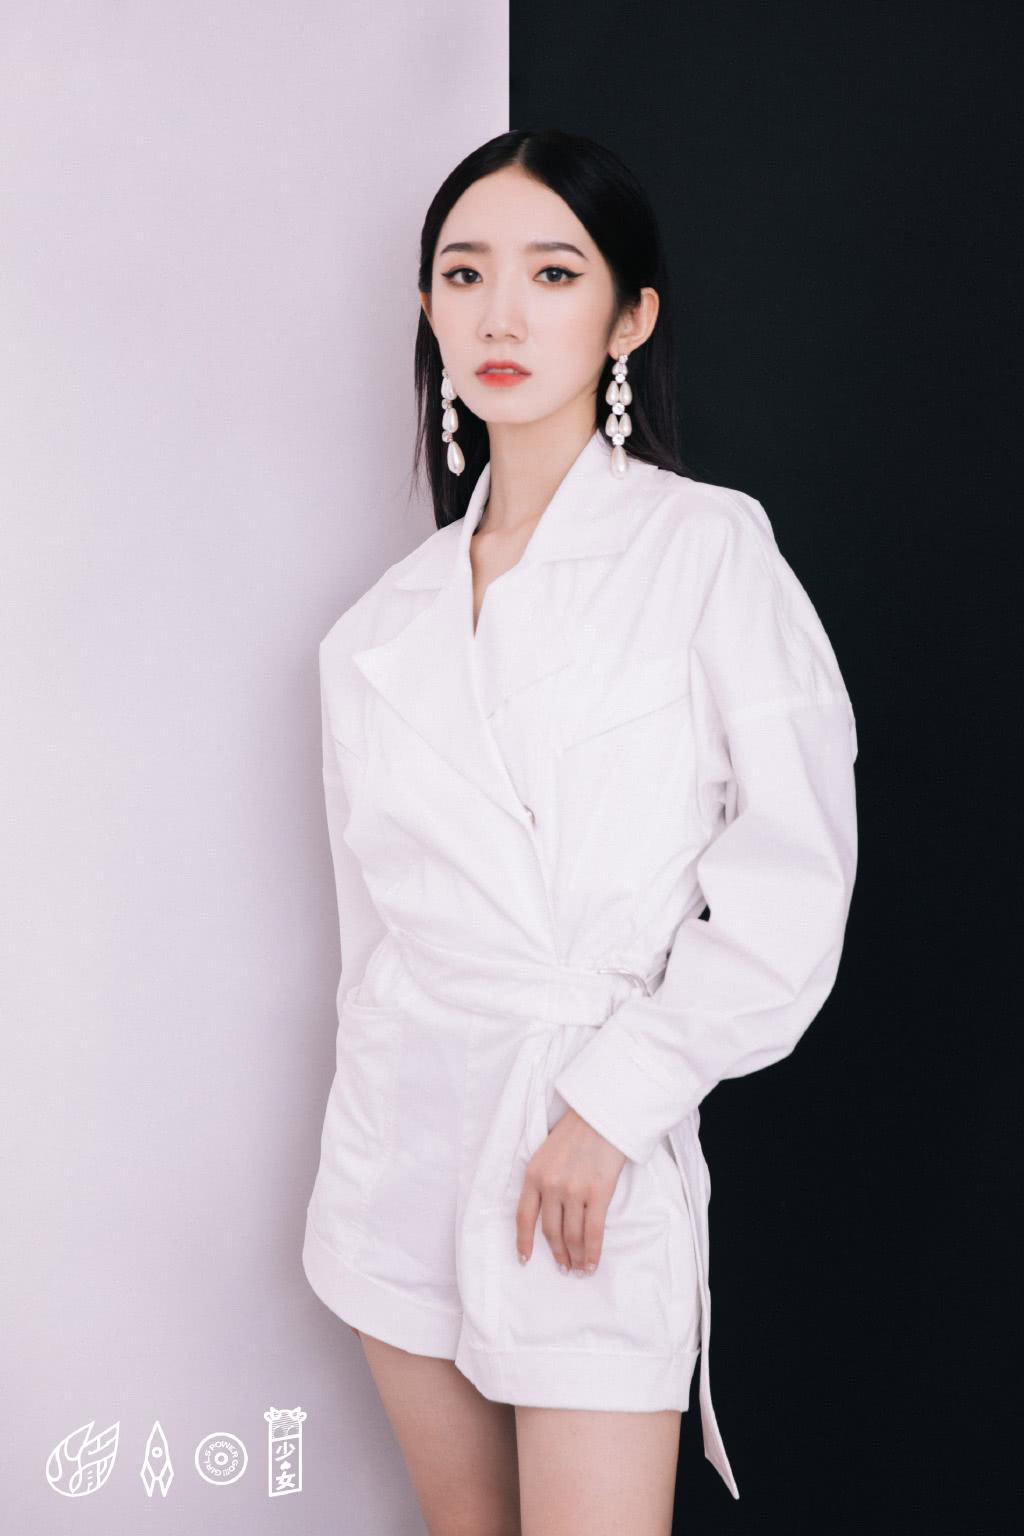 <b>火箭少女现身《明日之子》,杨芸晴挑战露肩造型,吴宣仪变朋克范</b>